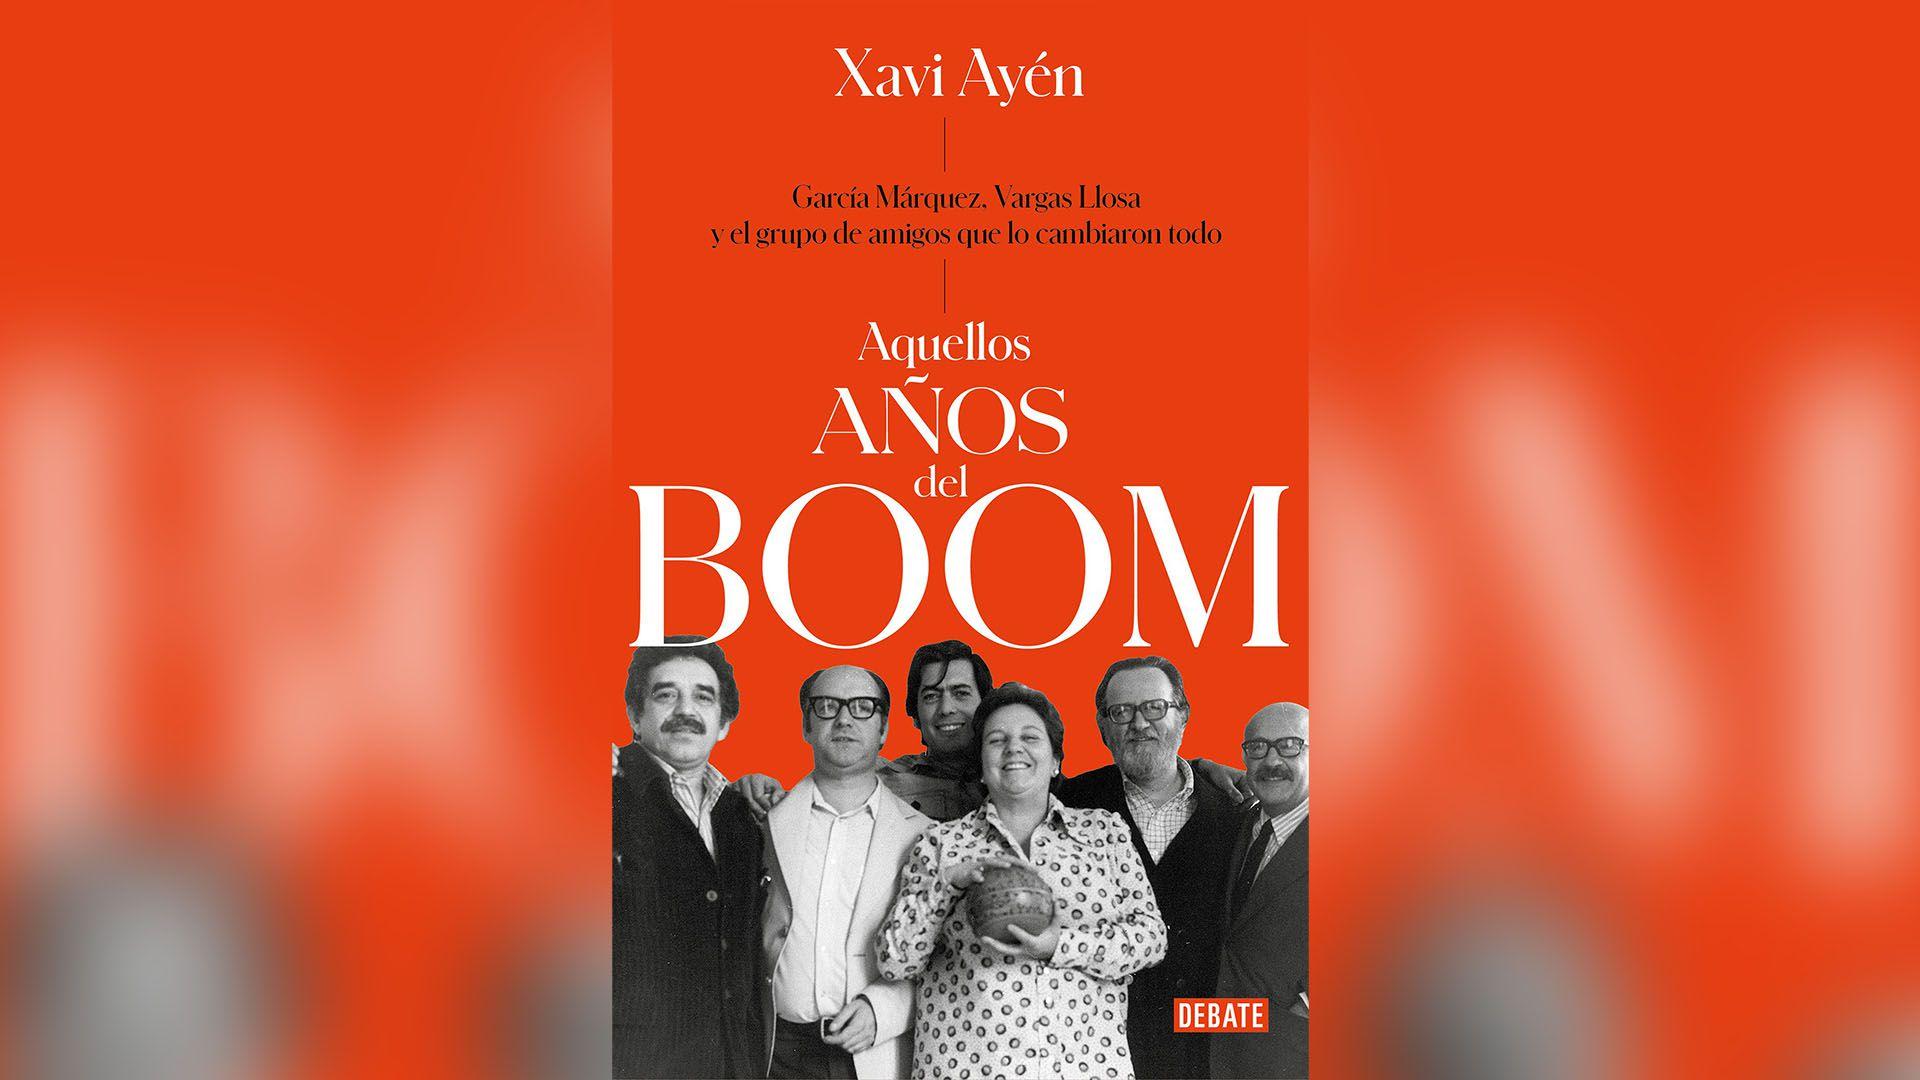 """""""Aquellos años del boom. García Márquez, Vargas Llosa y el grupo de amigos que cambió todo"""" (Debate), de Xavi Ayén"""